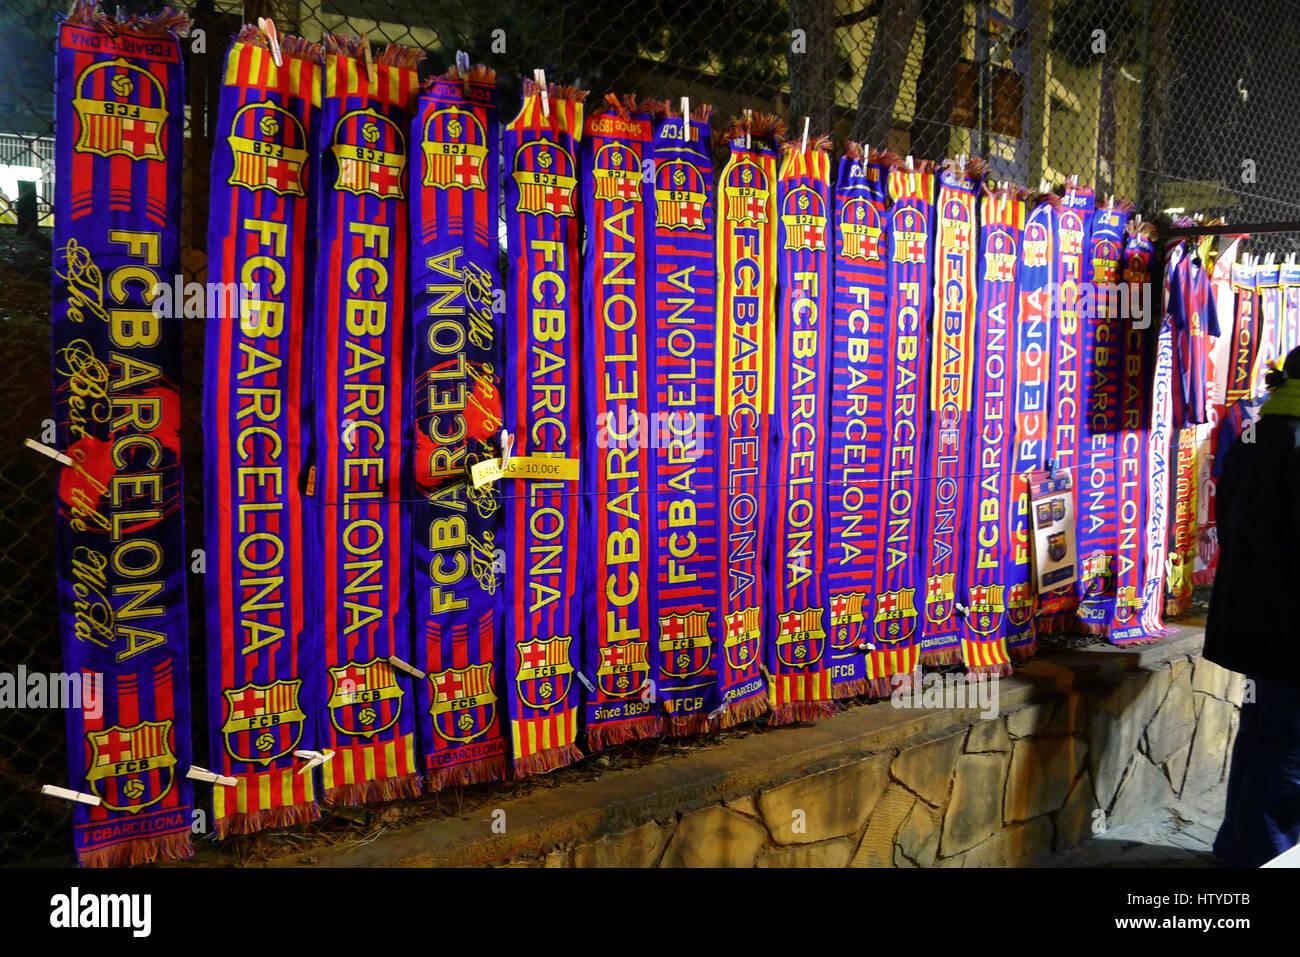 FC Barcelona Soccer Scarves. - Stock Image